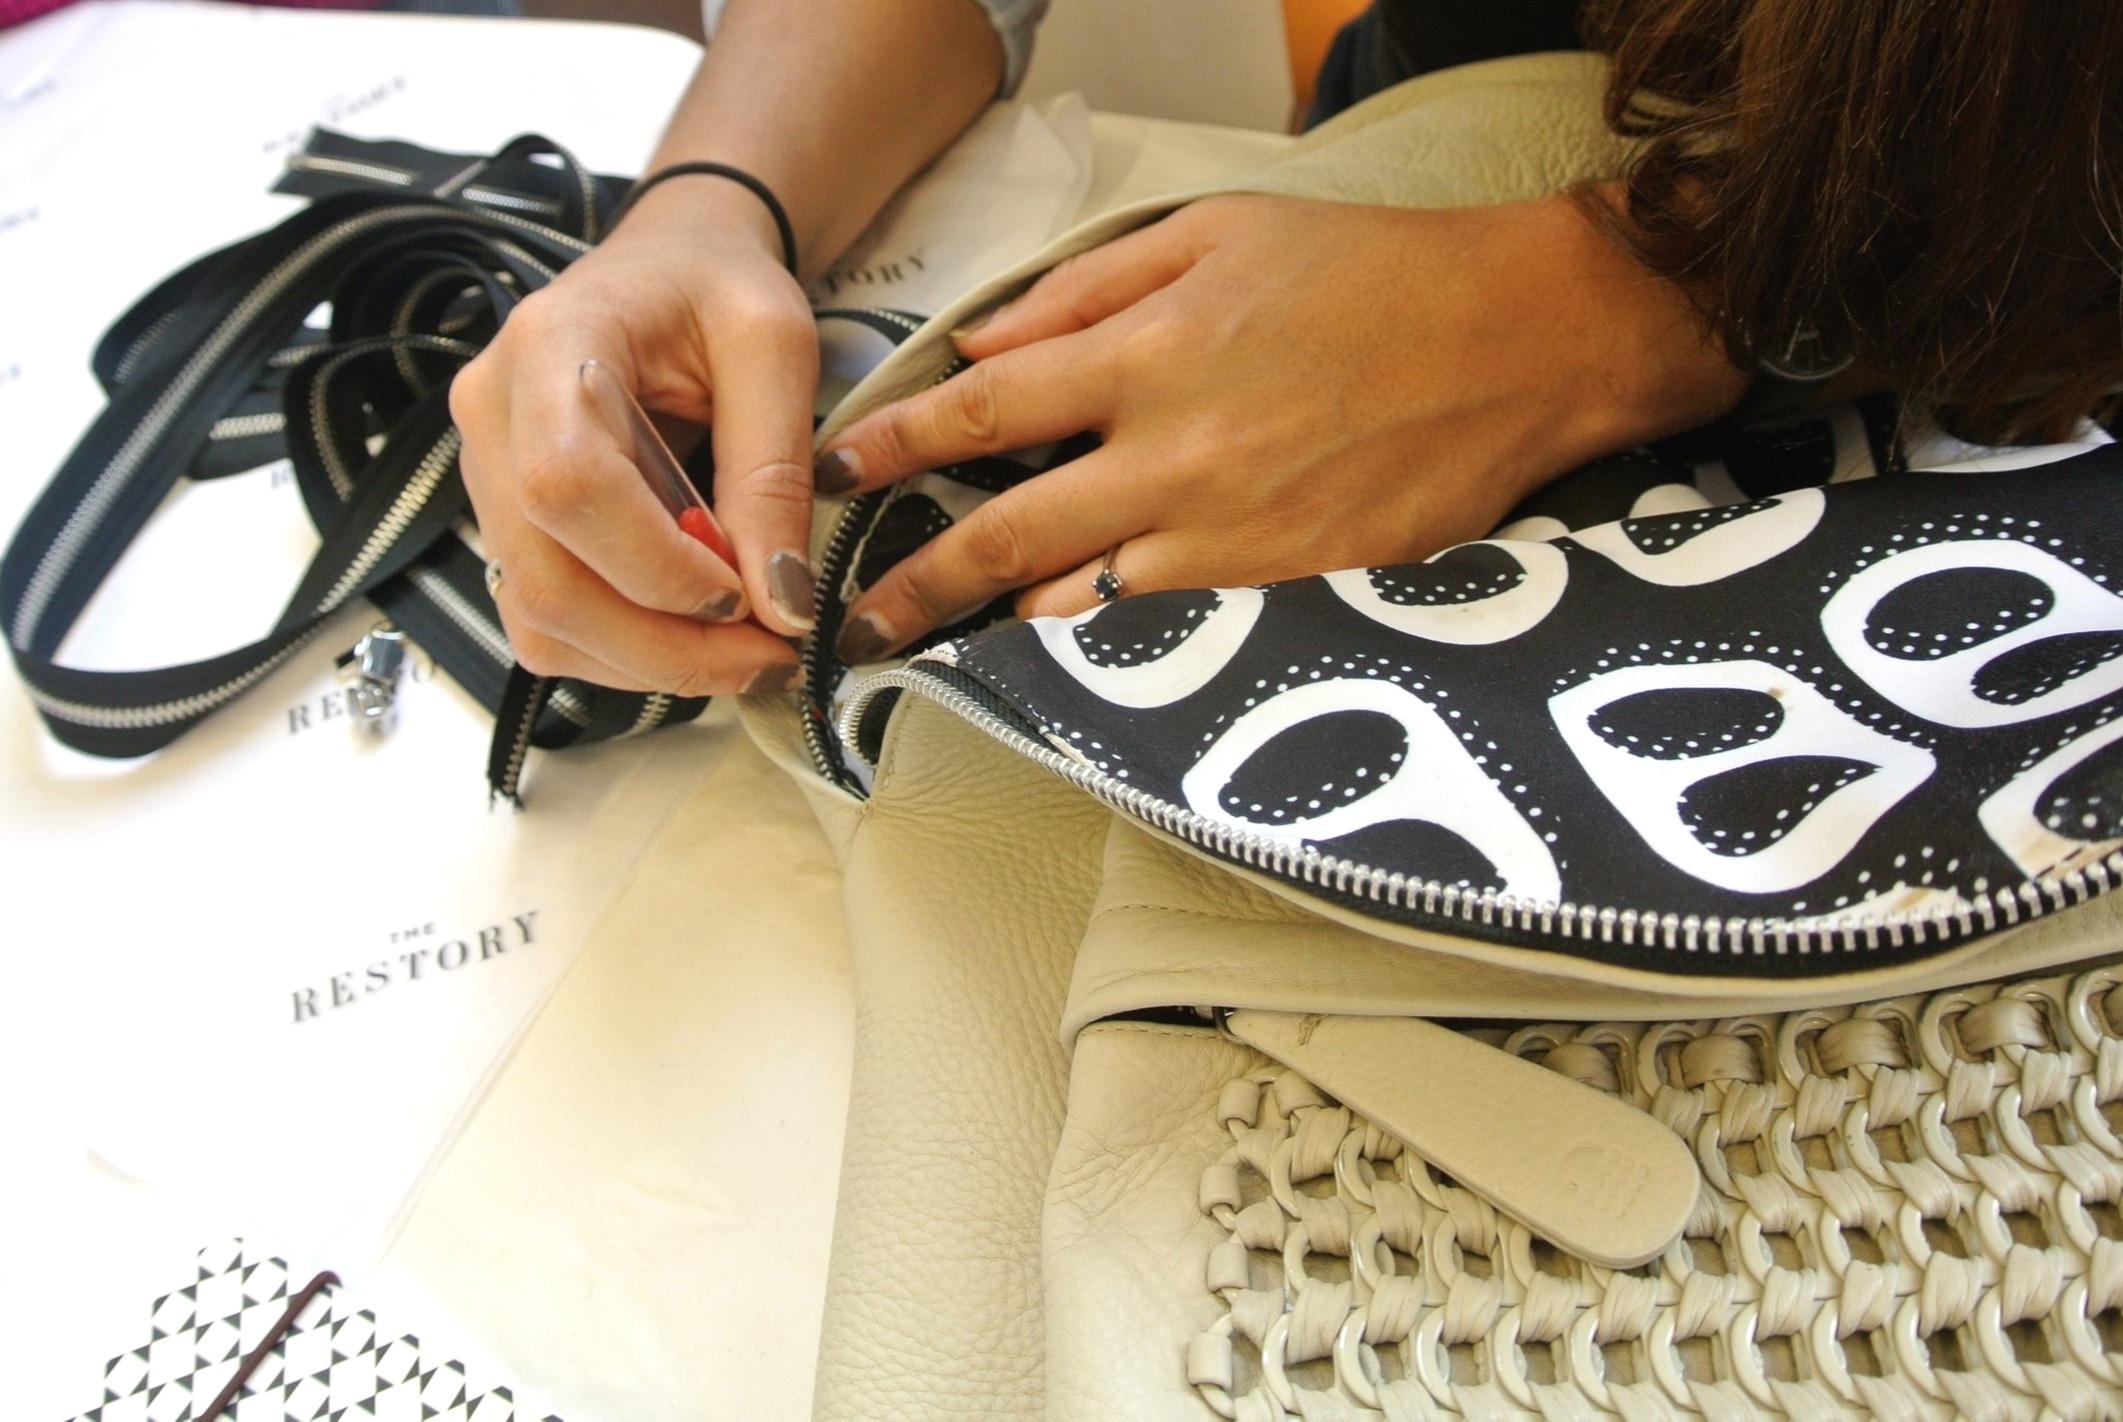 Stitching the zip